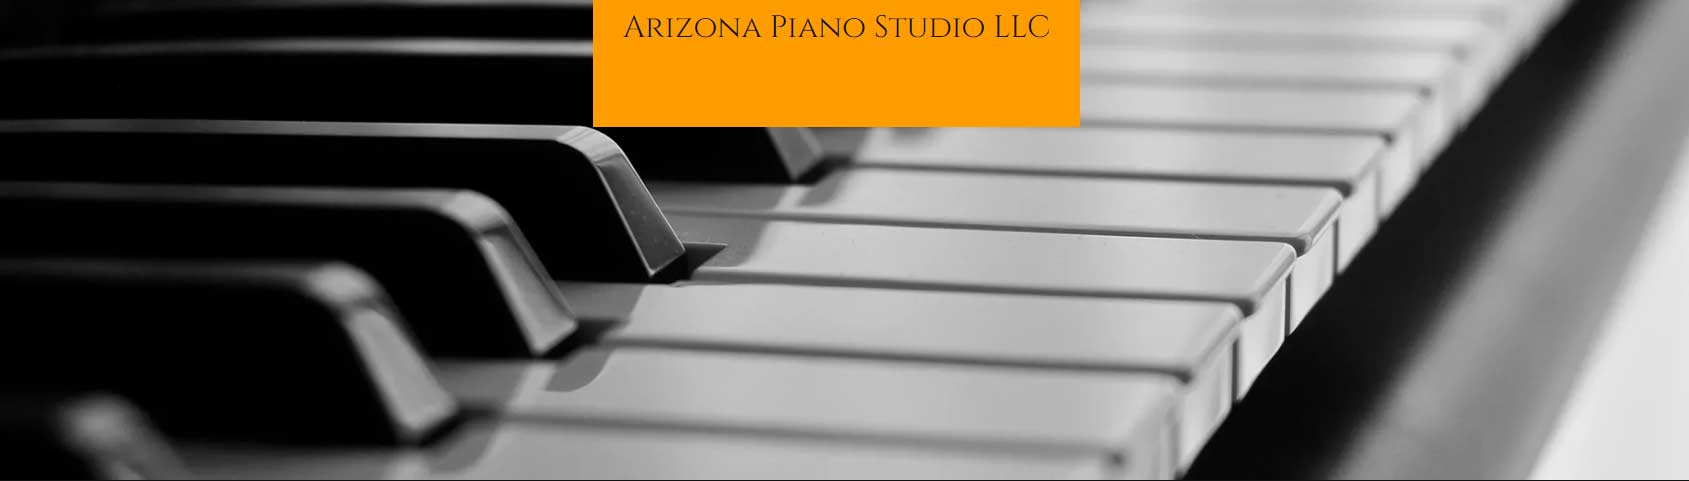 arizona-piano-studio-header